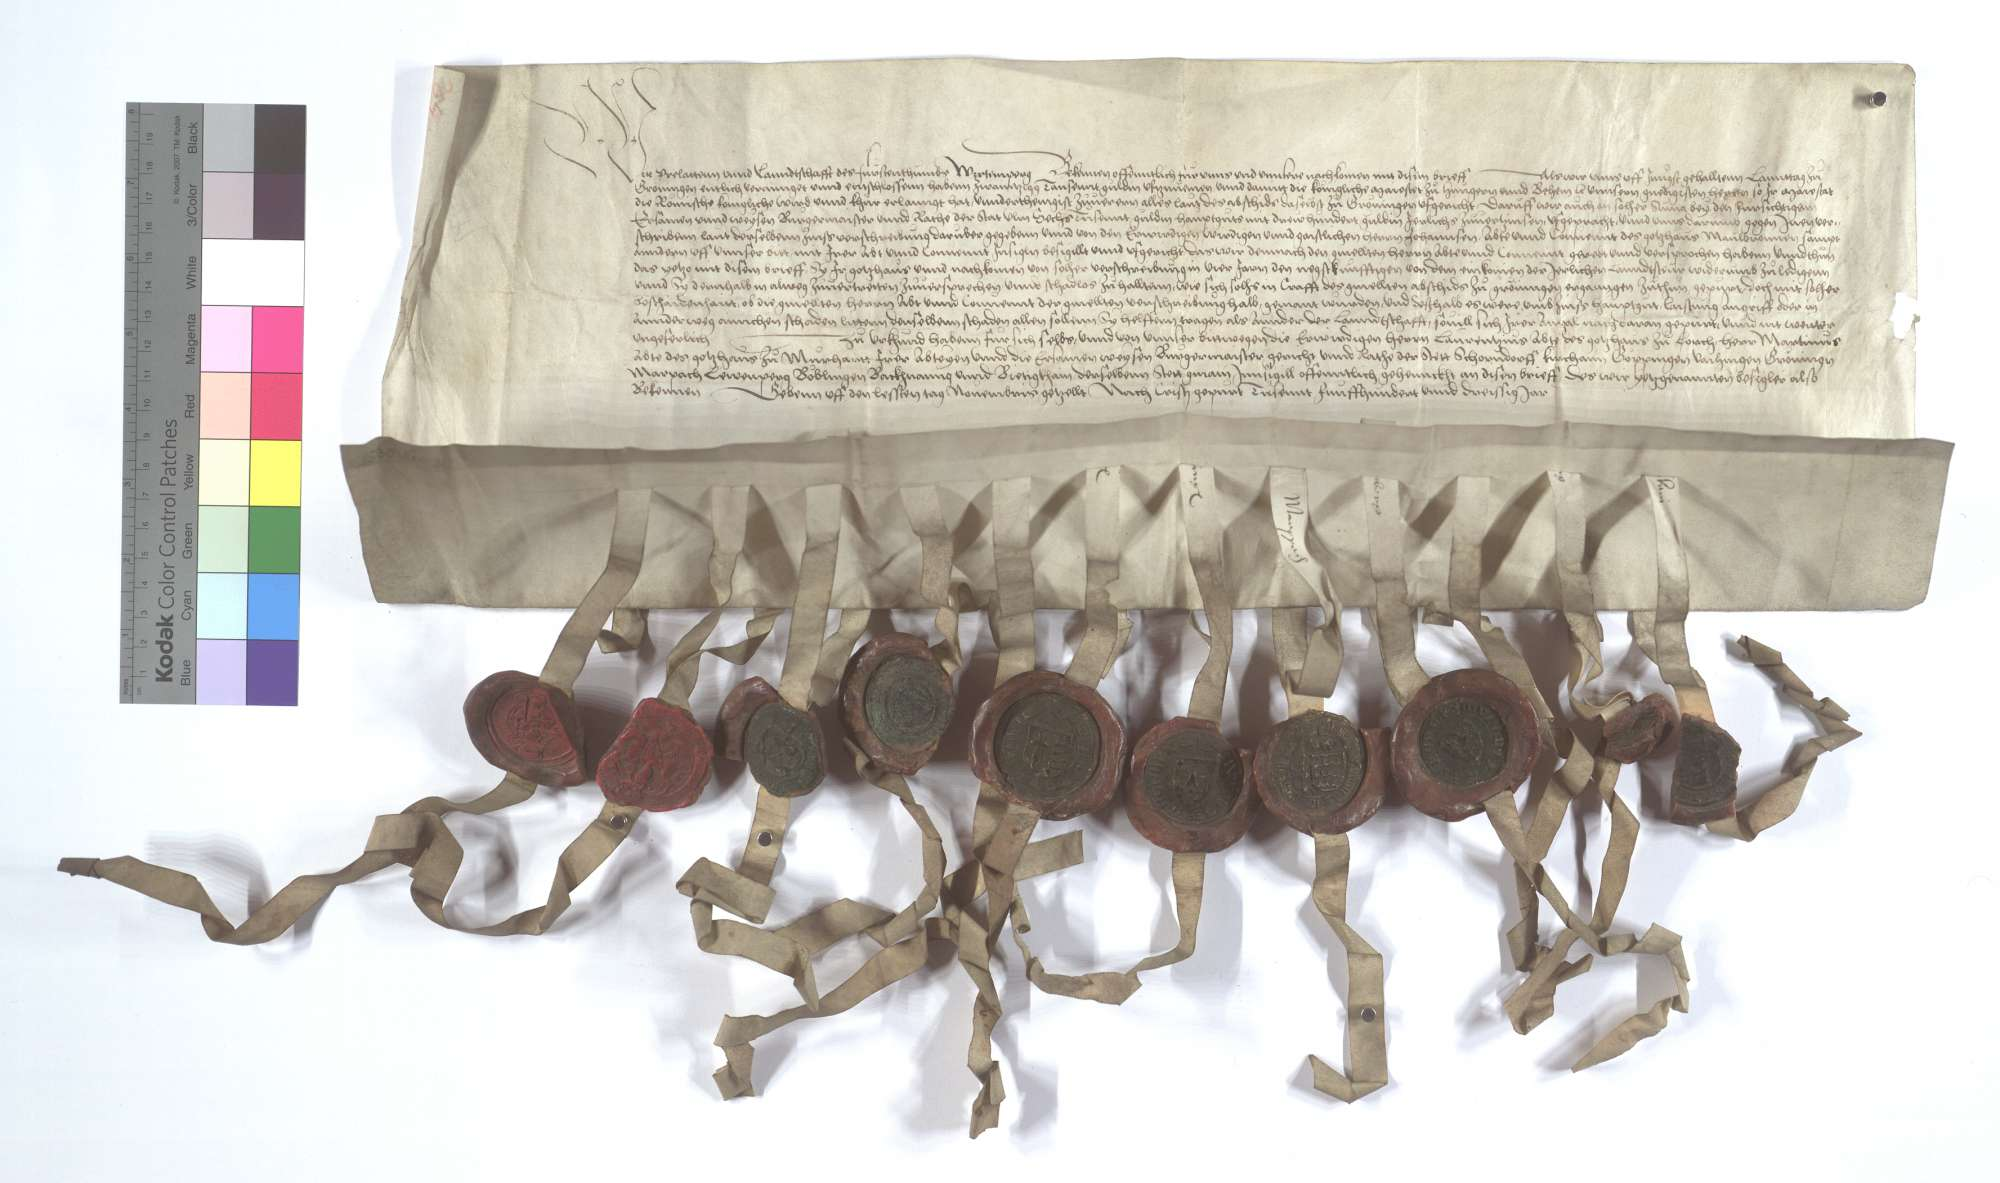 Prälaten und Landschaft des Fürstentums Württemberg (Wirtemberg) versprechen, das Kloster Maulbronn für eine gegenüber der Stadt Ulm übernommene Bürgschaft schadlos zu halten., Text